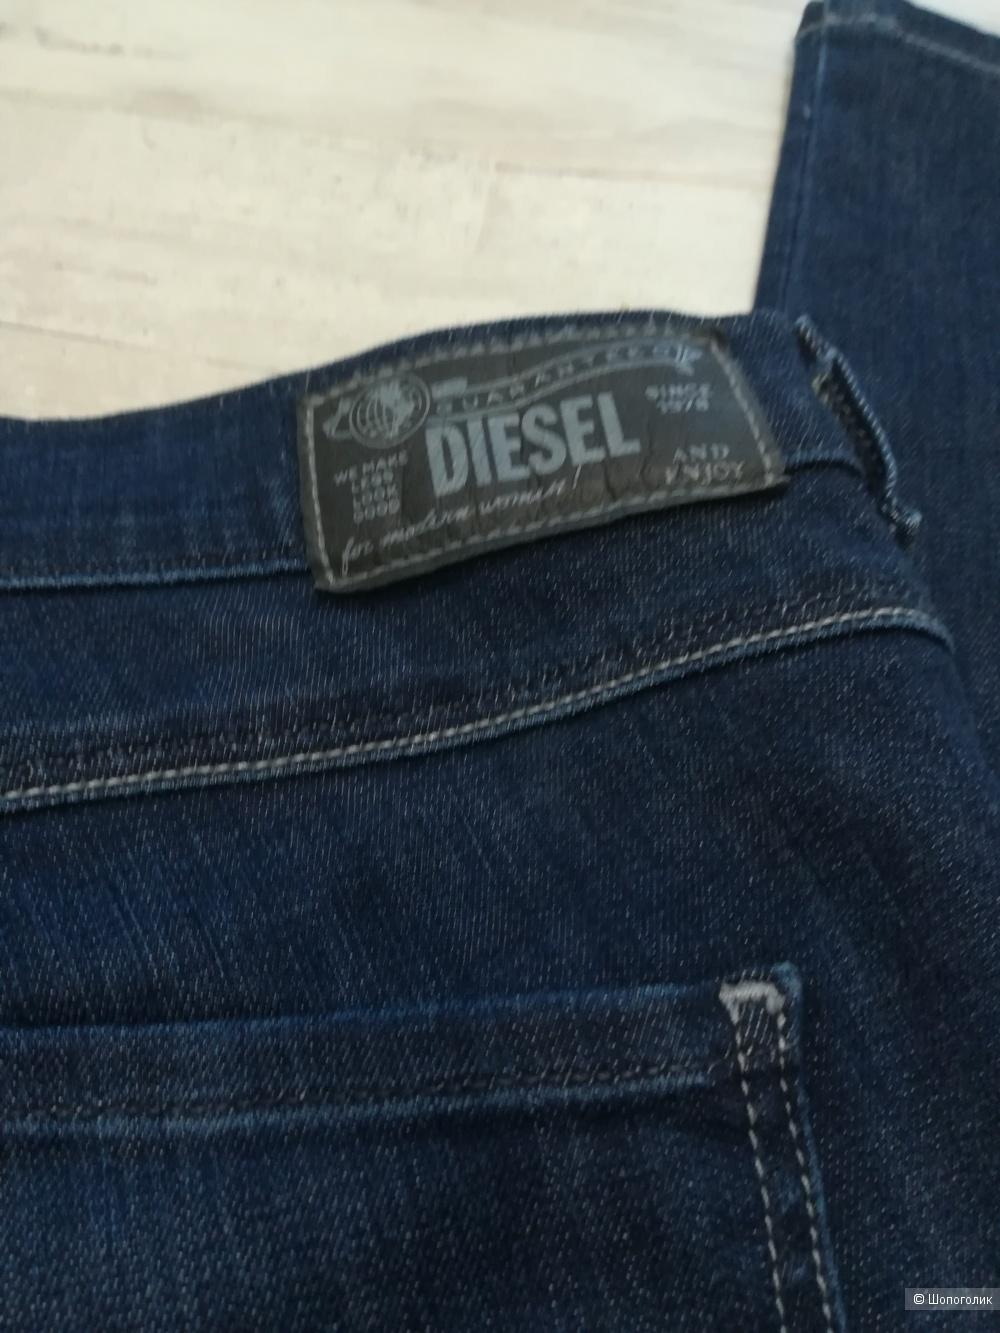 Джинсы Diesel sandy, 27